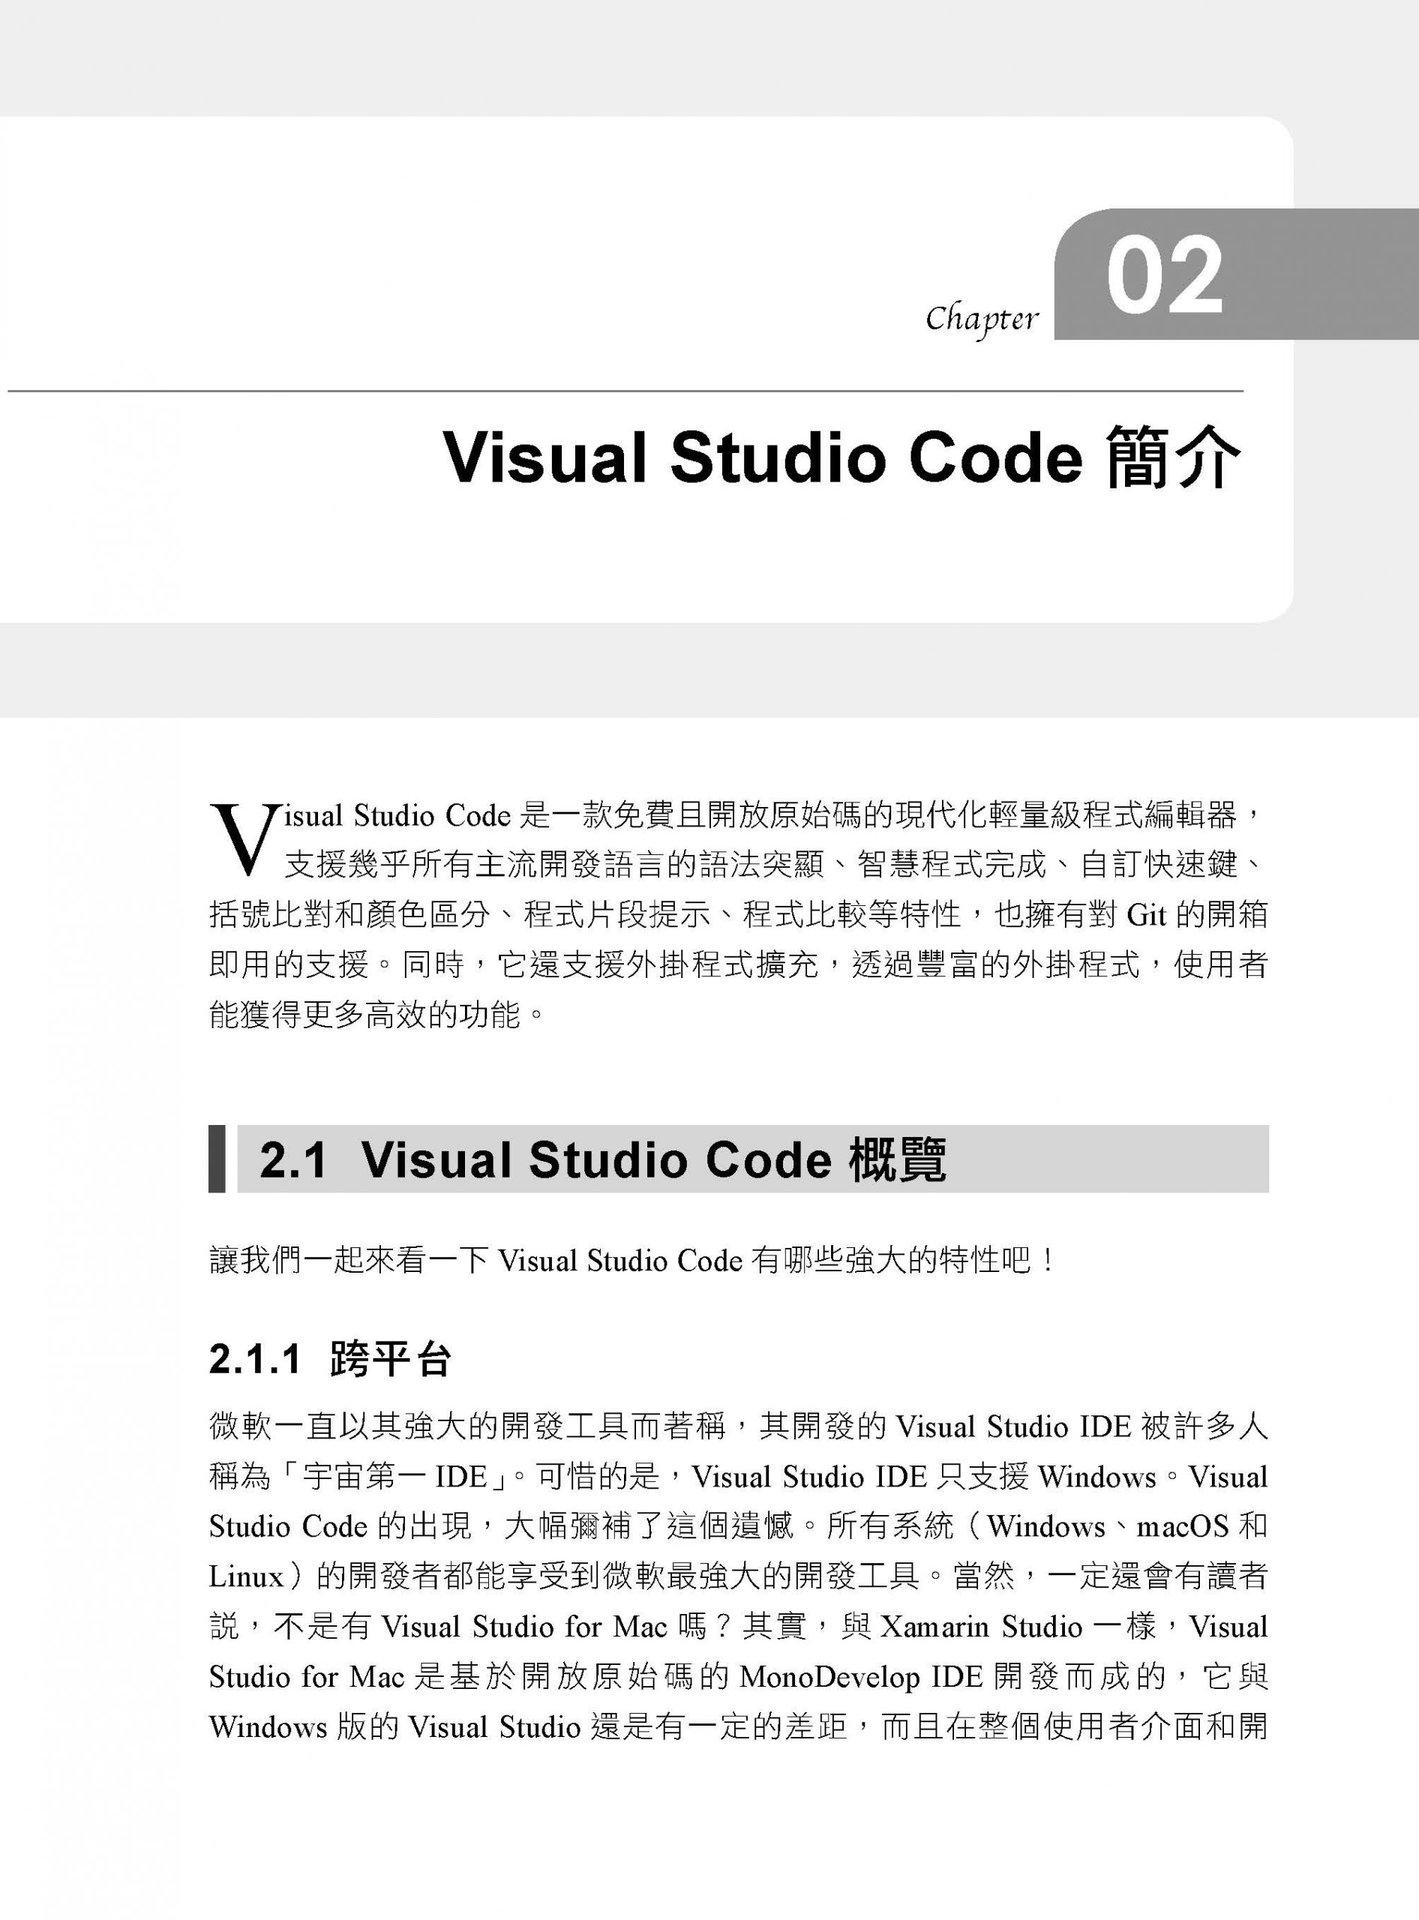 小輕快跨平台:王的編輯器 Visual Studio Code 聖經-preview-2